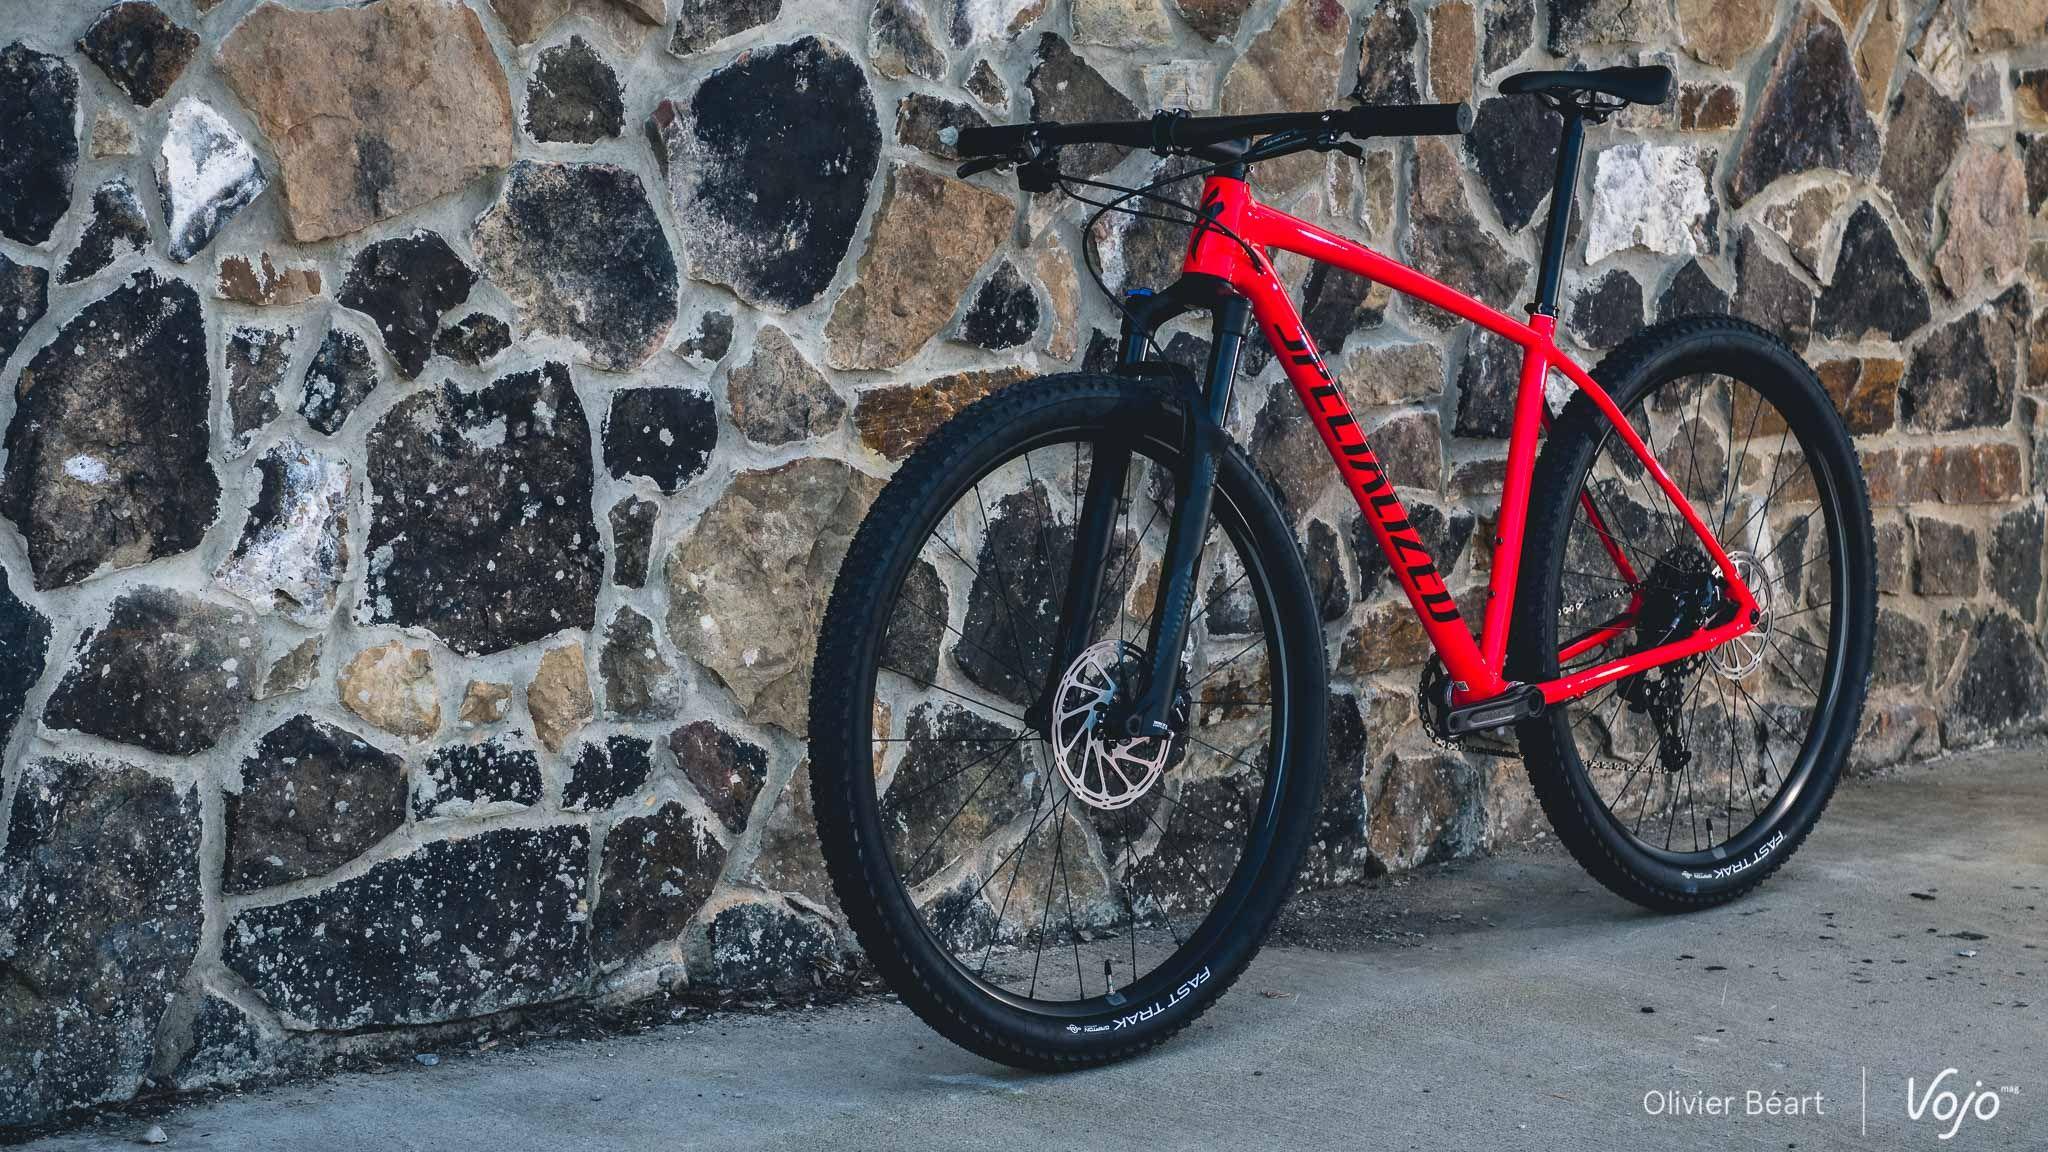 Nouveaute Specialized Bikes Bike Details Bicycle Parts